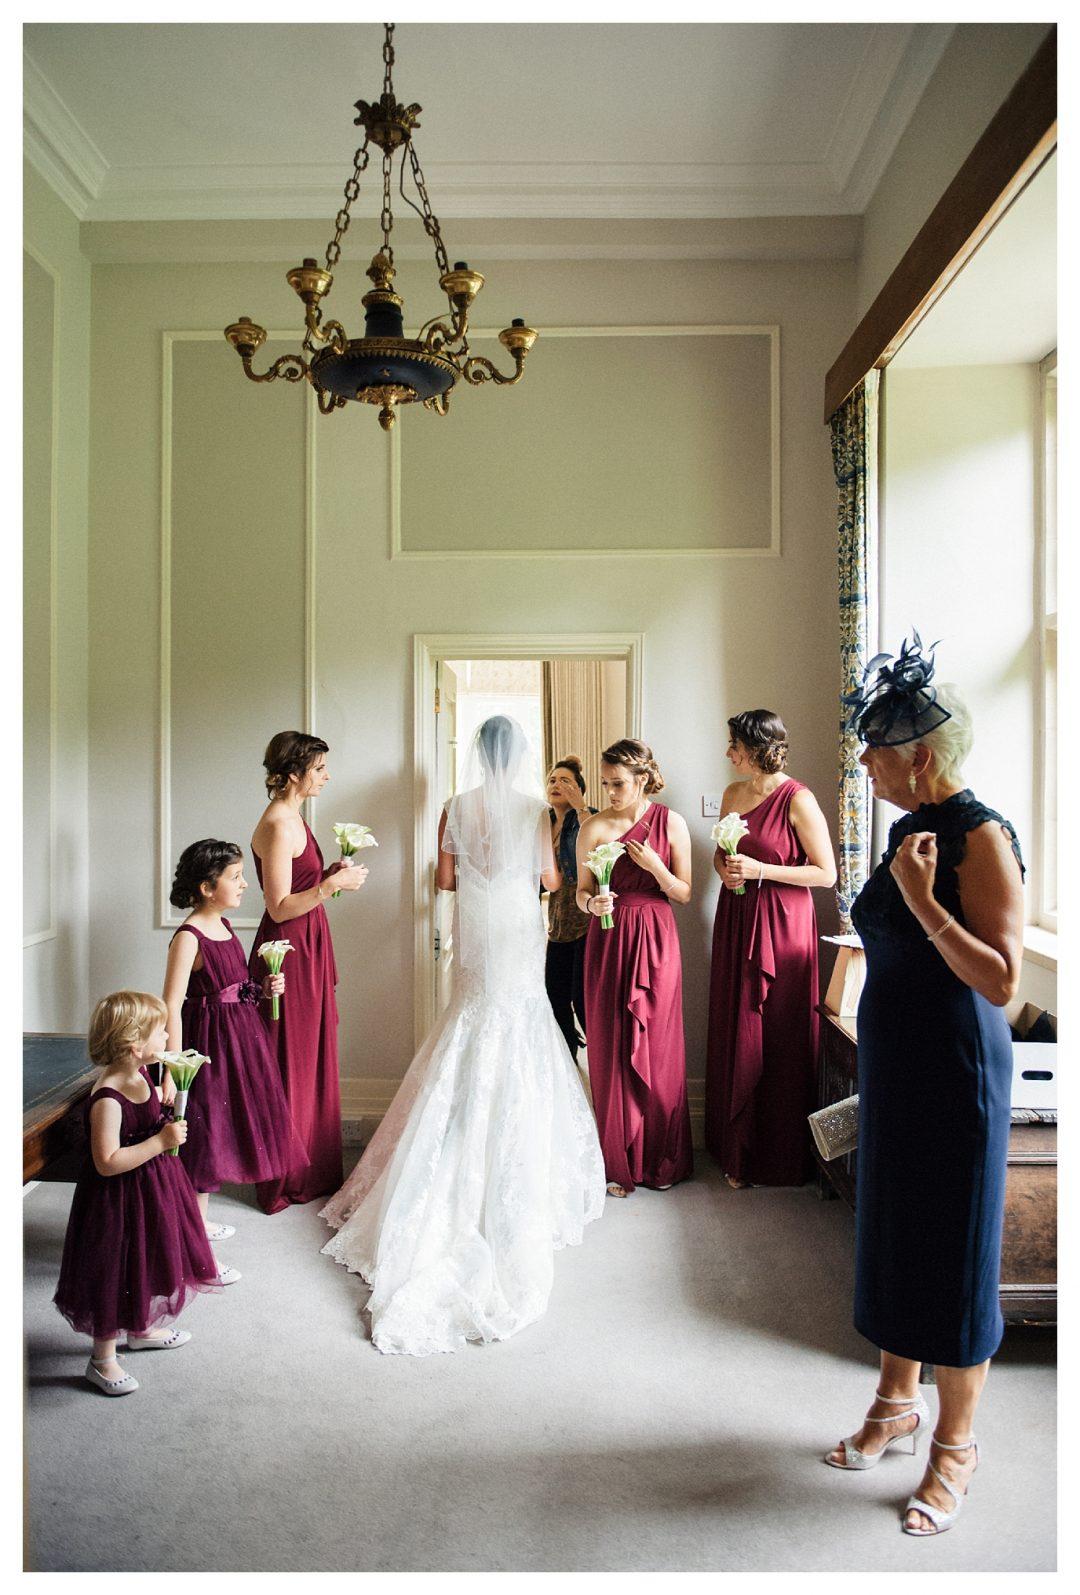 Matt & Laura's Wedding - weddings - nkimphotogrphy com notting hill 0498 1